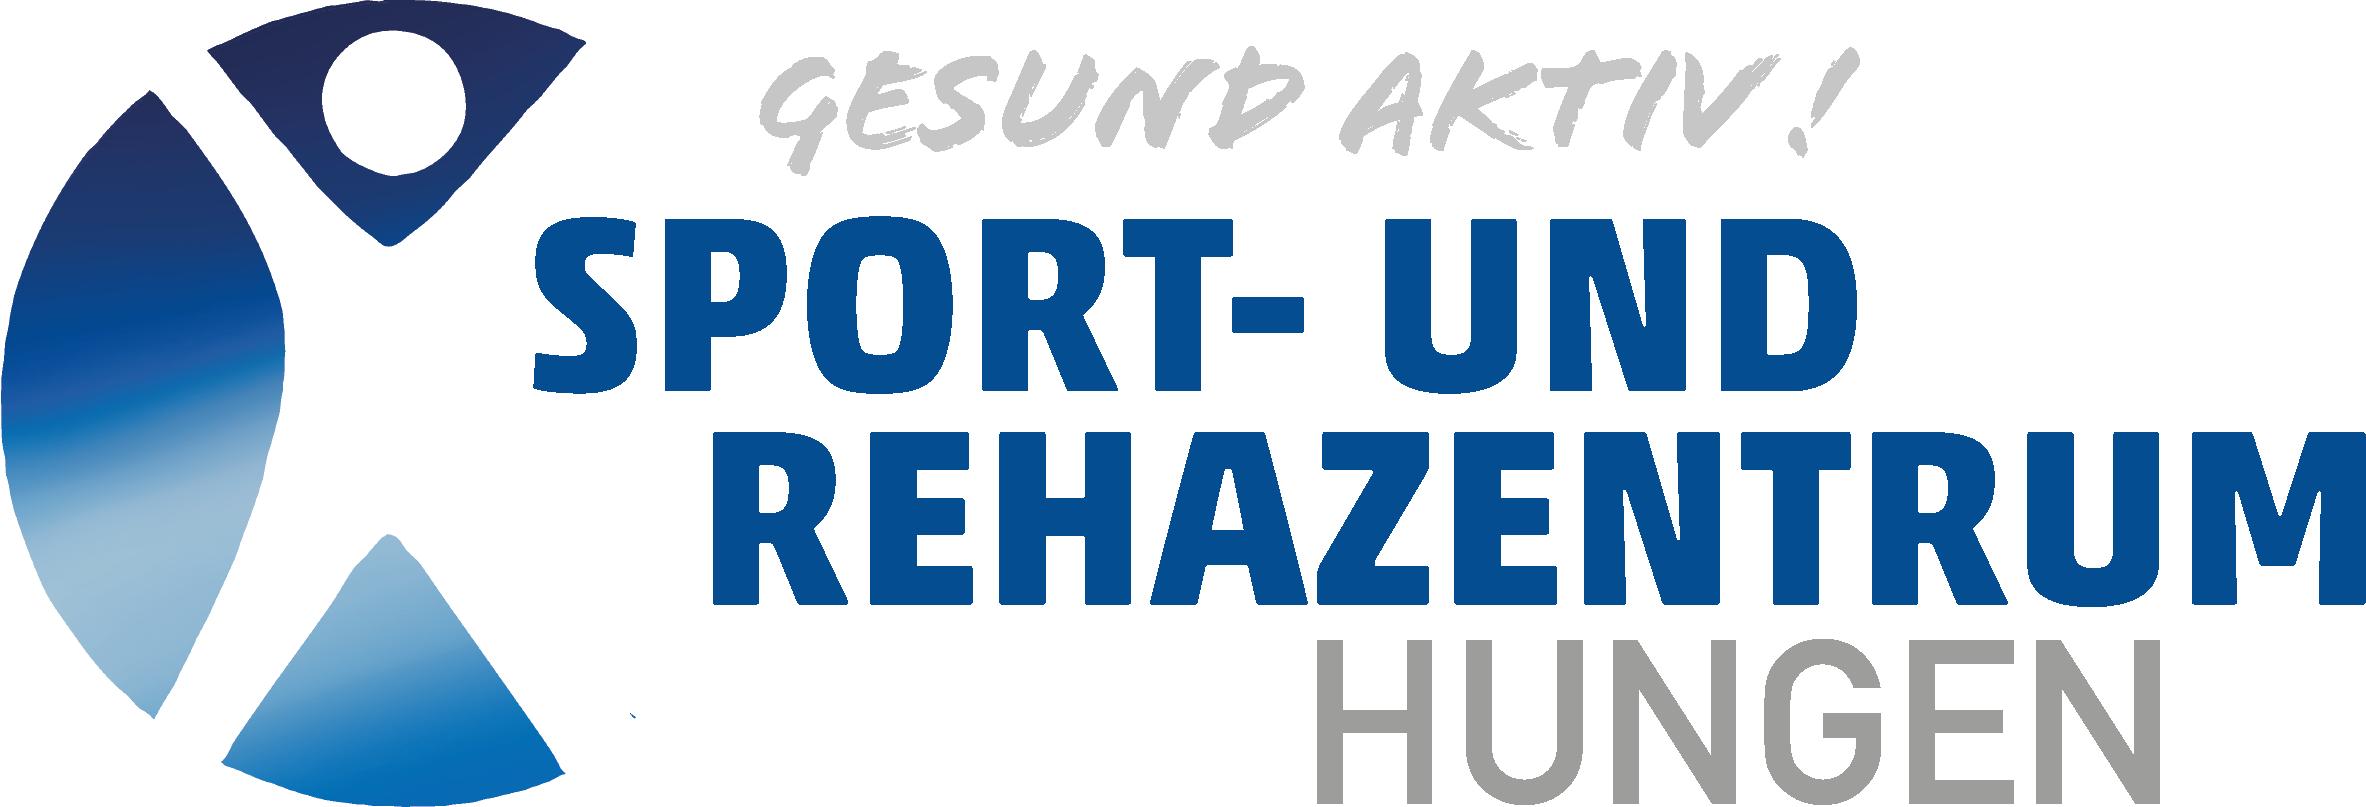 Sport- und Rehazentrum Hungen - Ihre Adresse für Sport, Fitness und Gesundheit in Hungen